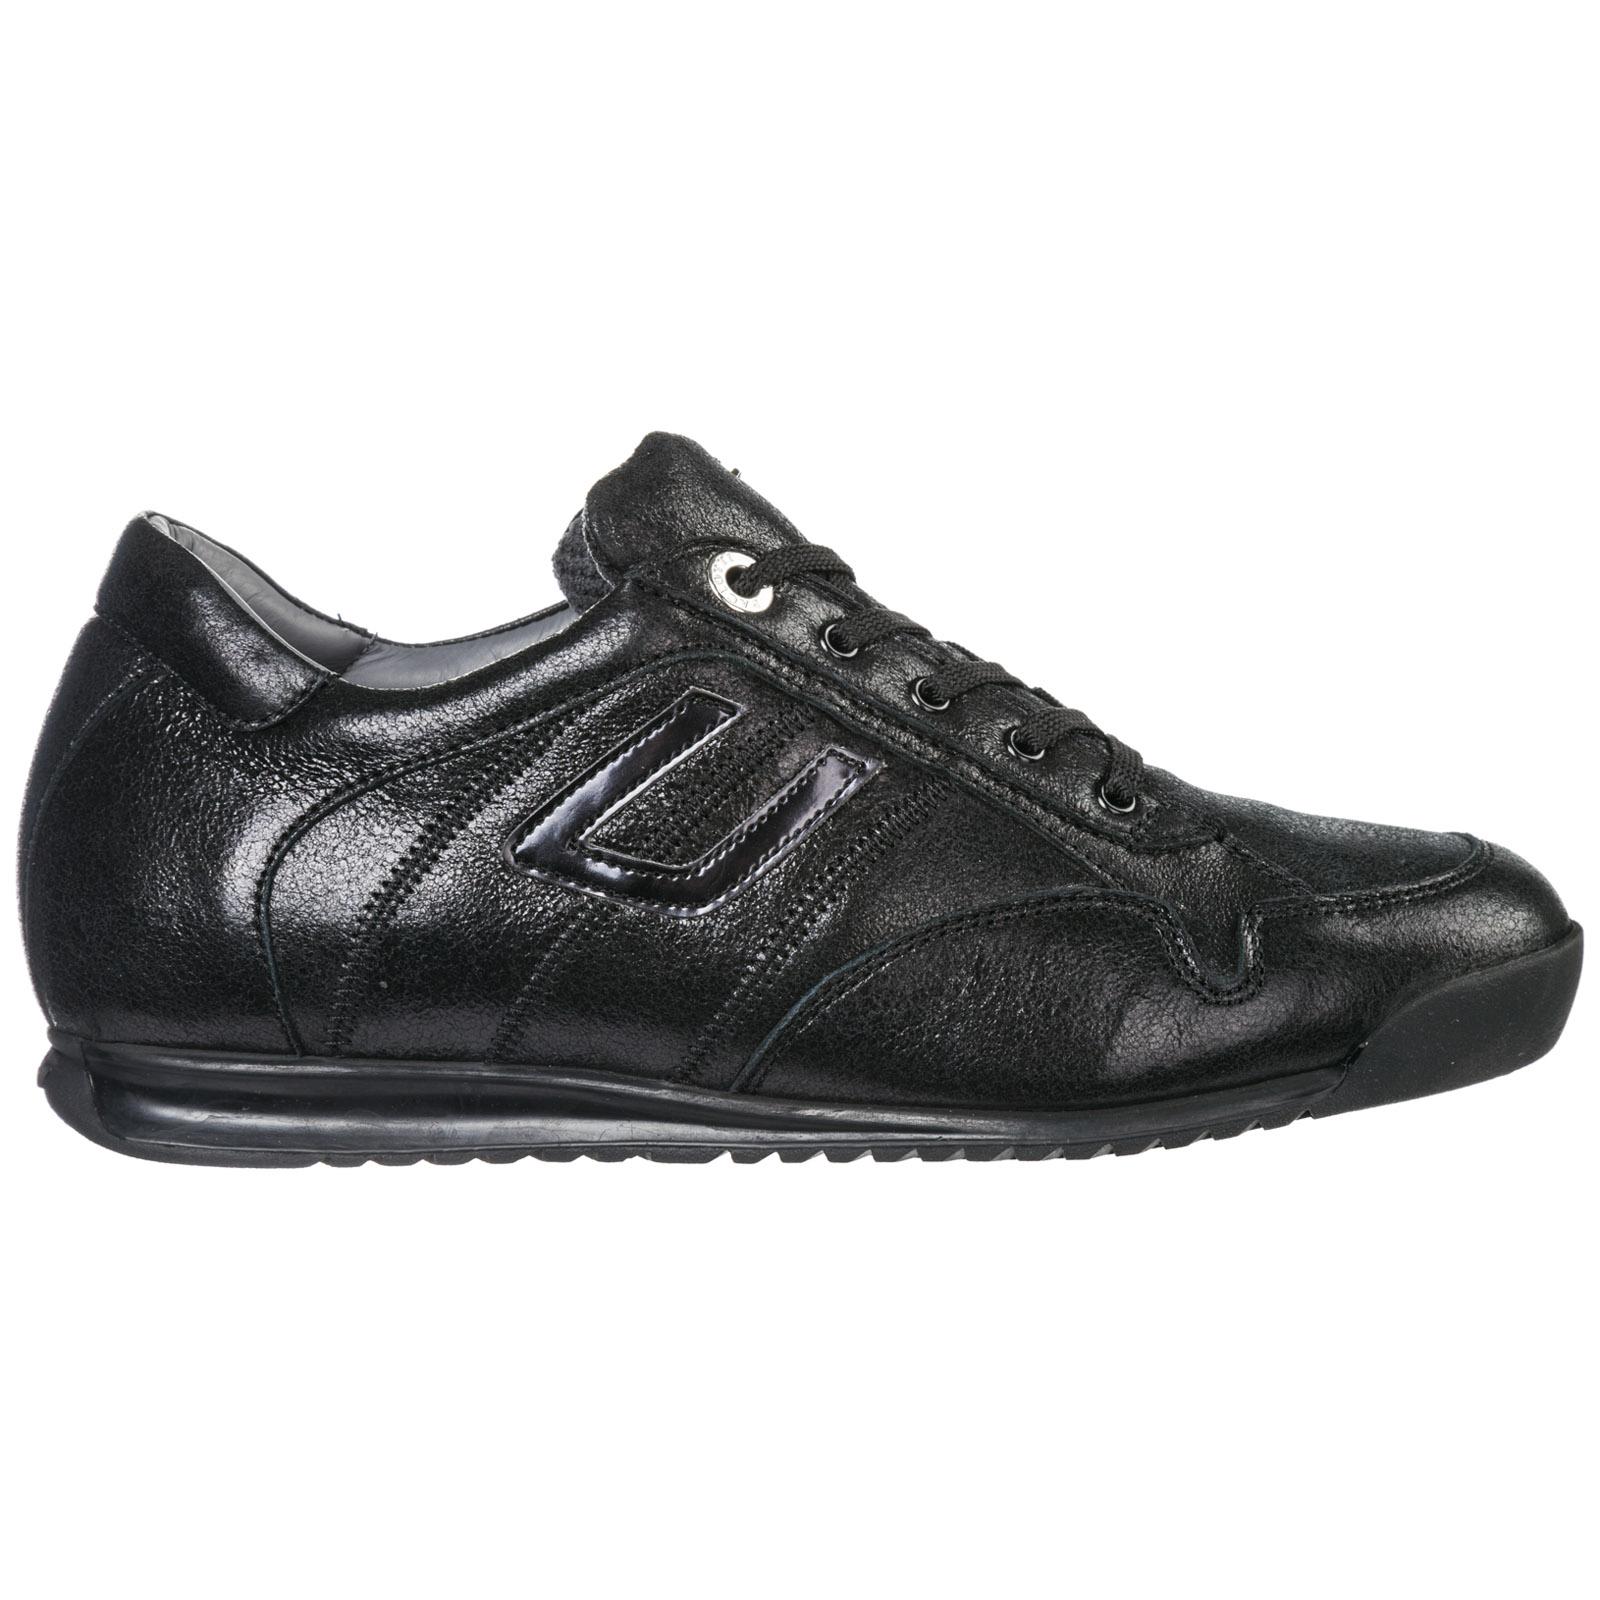 06f8cca580c Sneakers Cesare Paciotti 4US MGD4 023BURMABLACK black | FRMODA.com